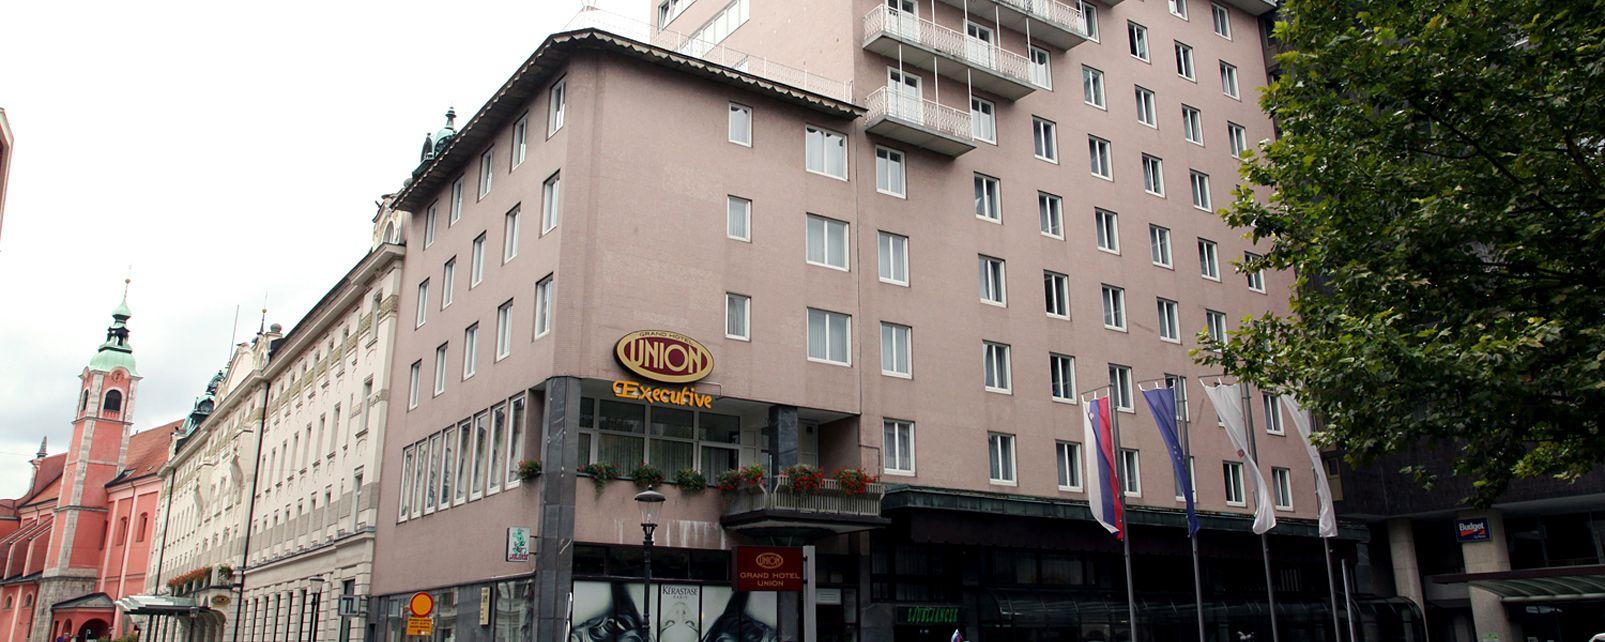 Hotel Grand Union Executive